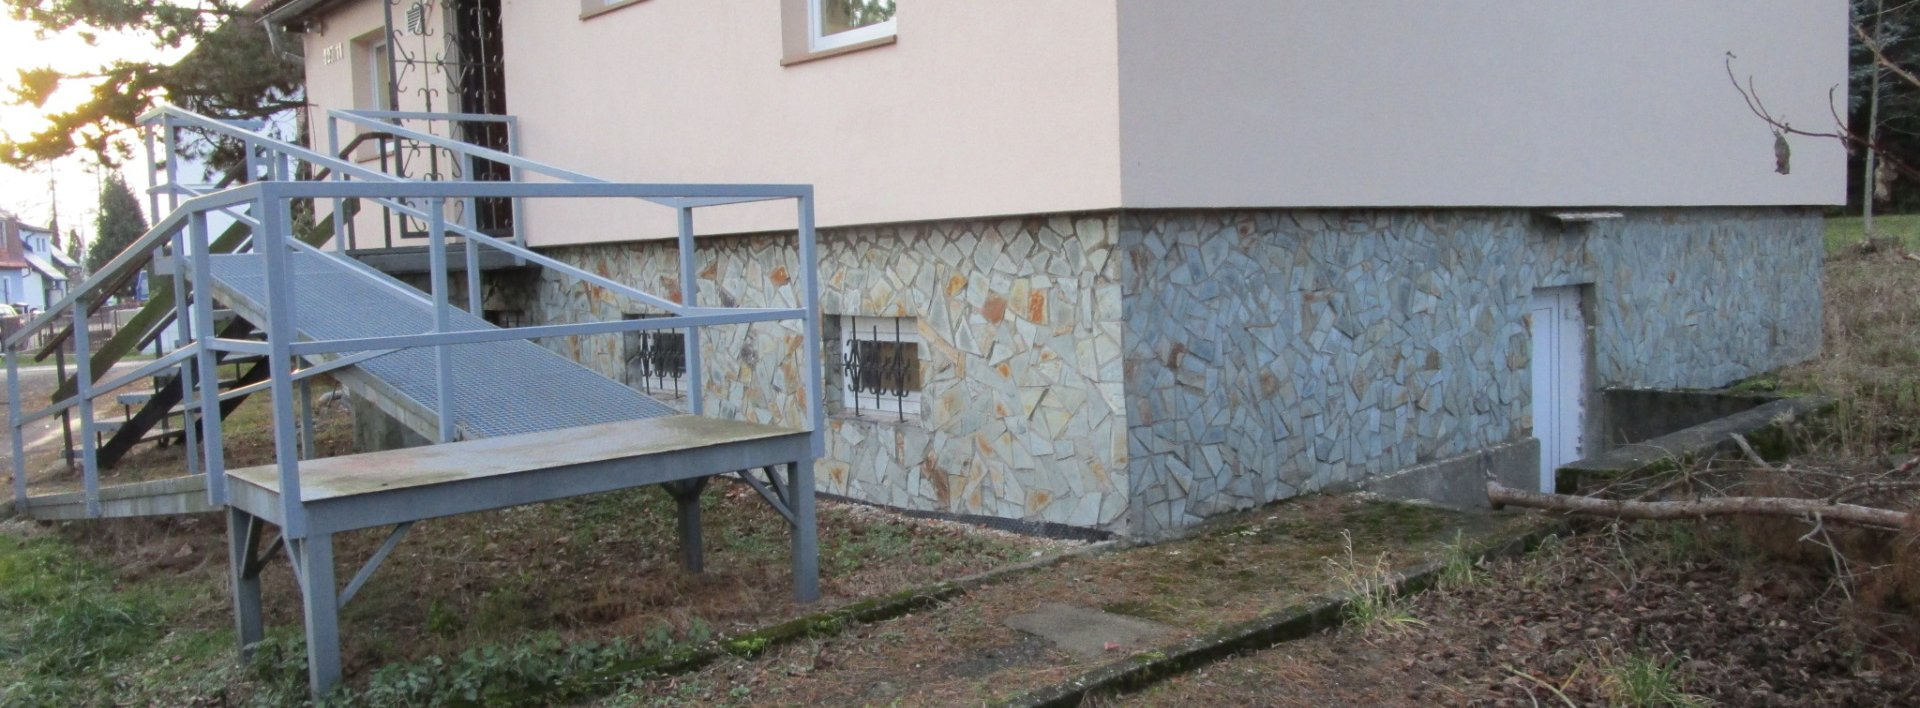 Pronájem bytu 4+1v přízemí domu s bezbariérovým přístupem - Srbská, Liberec XI-Růžodol I, Ev.č.: N48978